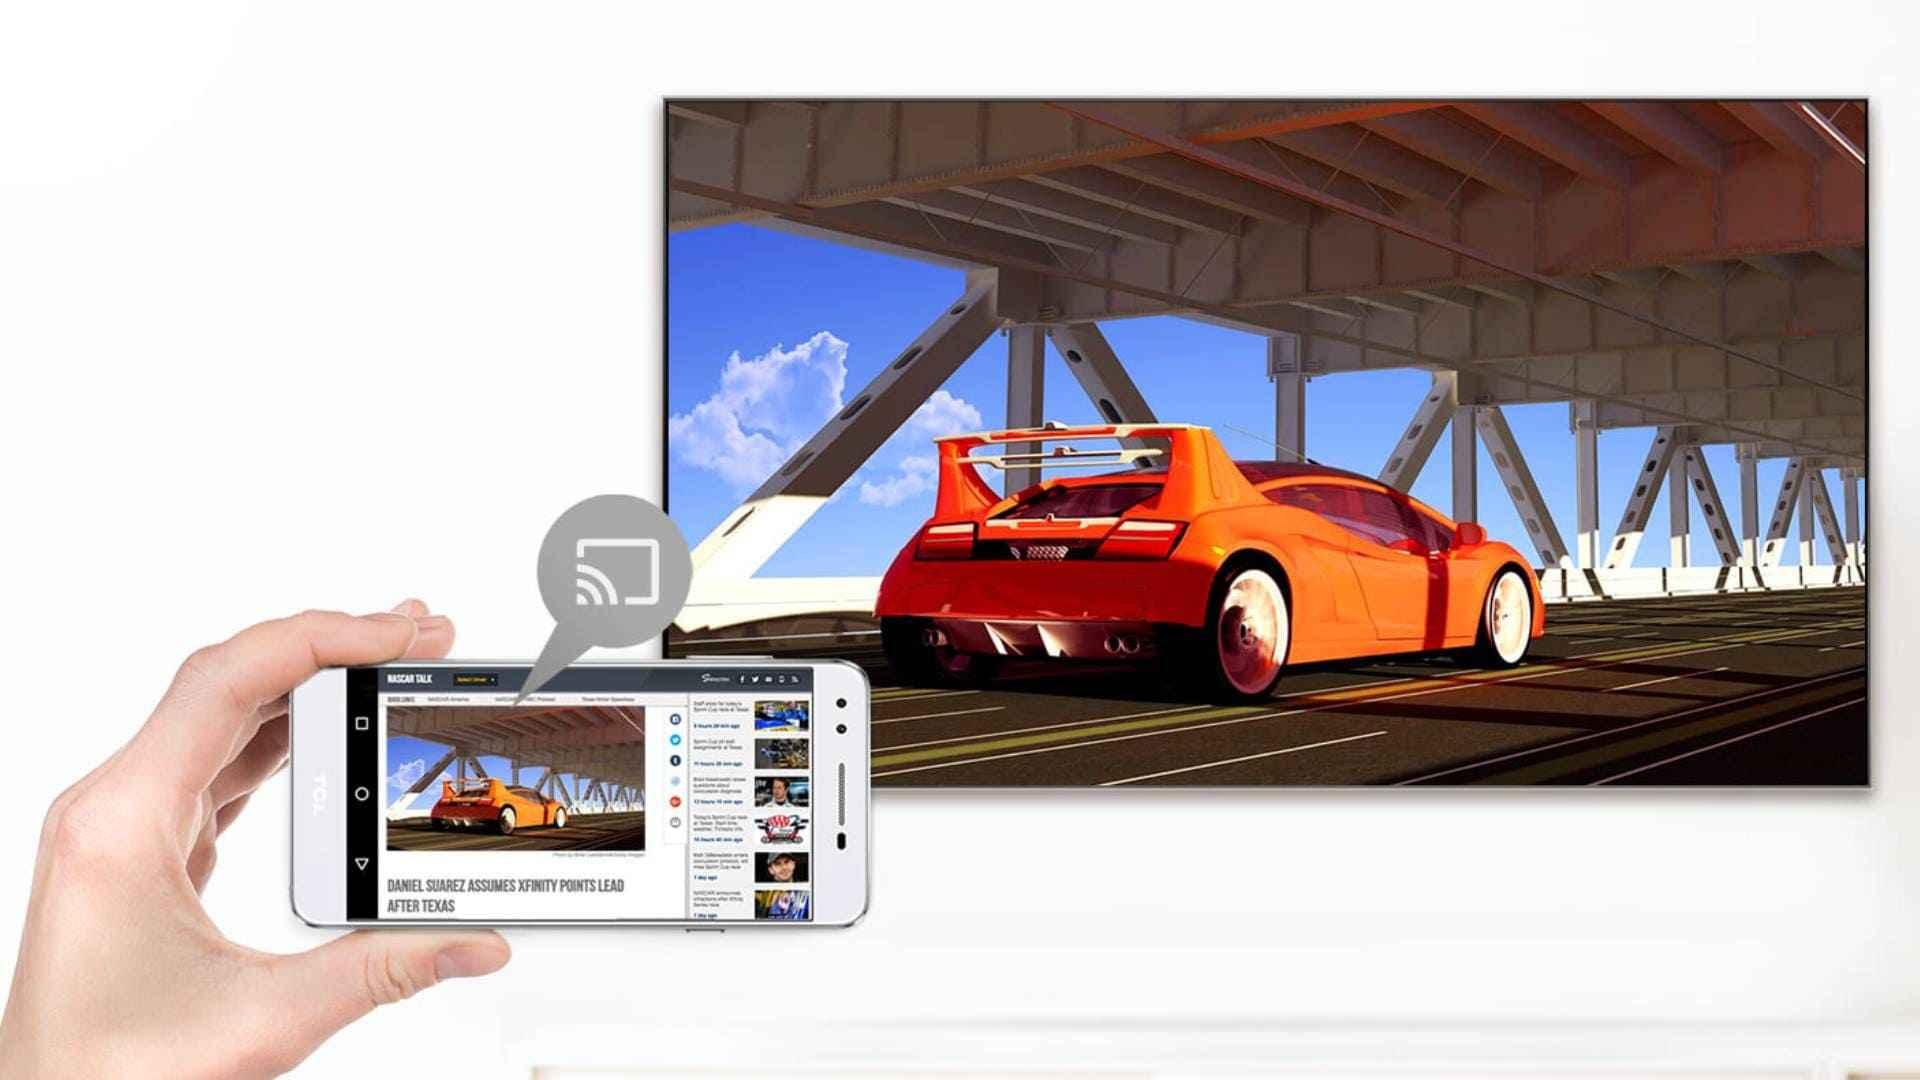 TCL Smart LED TV Chromecast